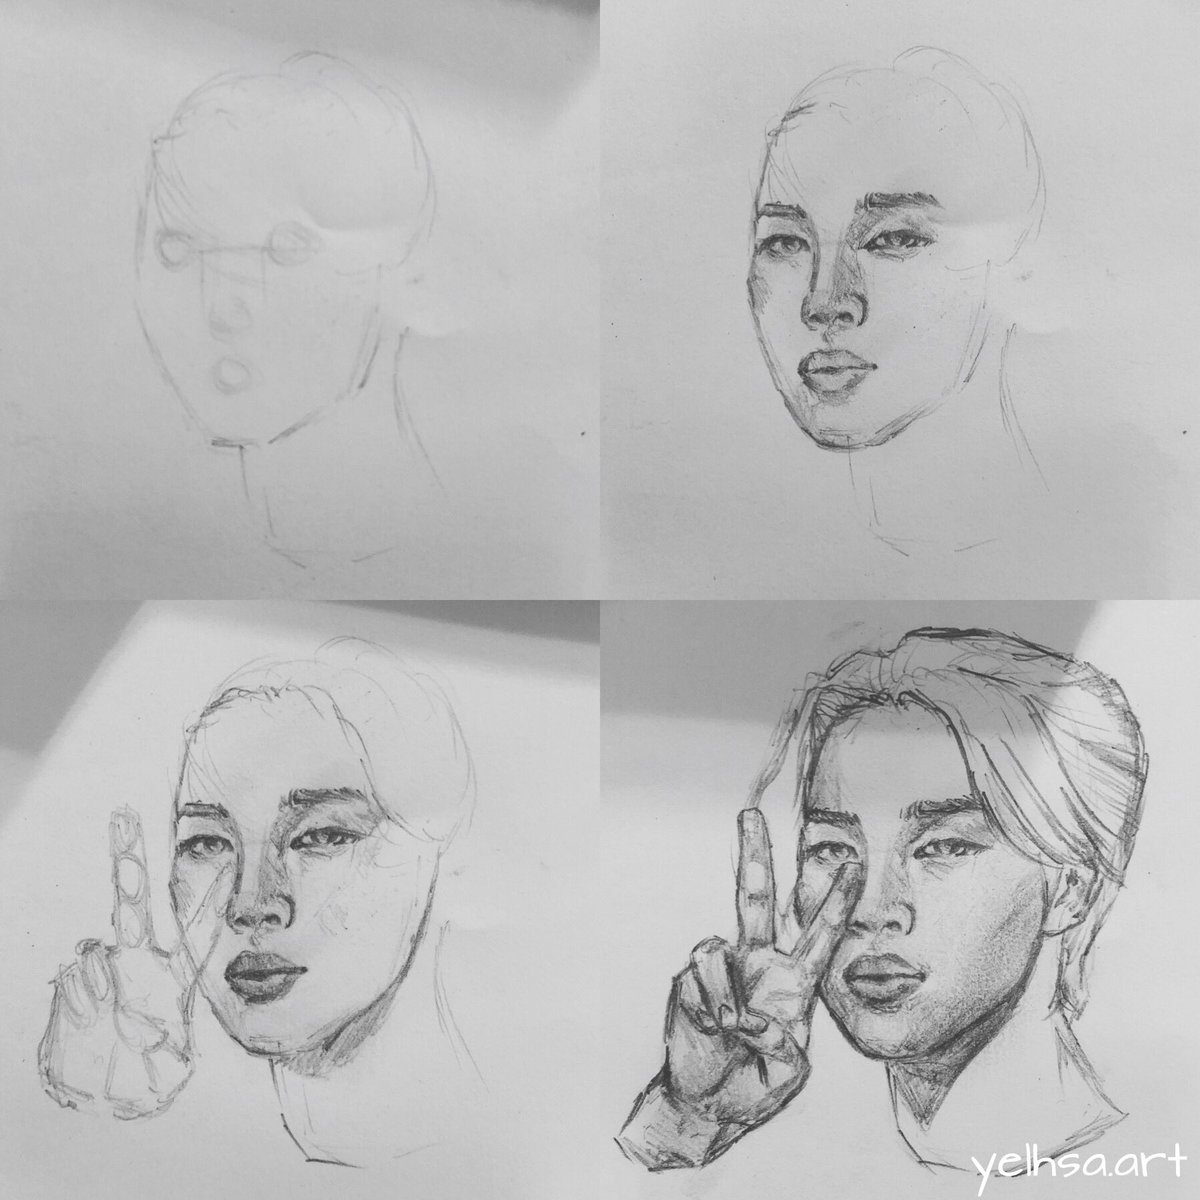 drawing process featuring jimin - [ #jimin #btsfanart @BTS_twt ] https://t.co/uw16f5m6Md